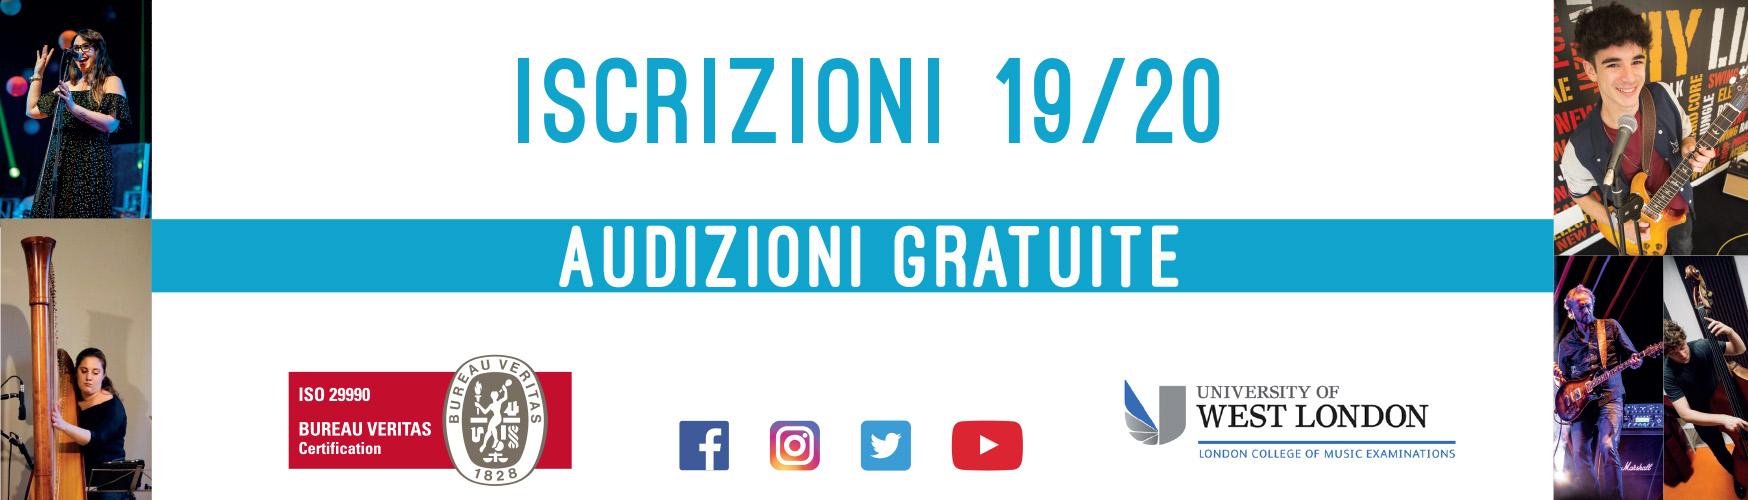 Accademia Musicale Crepaldi - Banner Iscrizioni 19/20